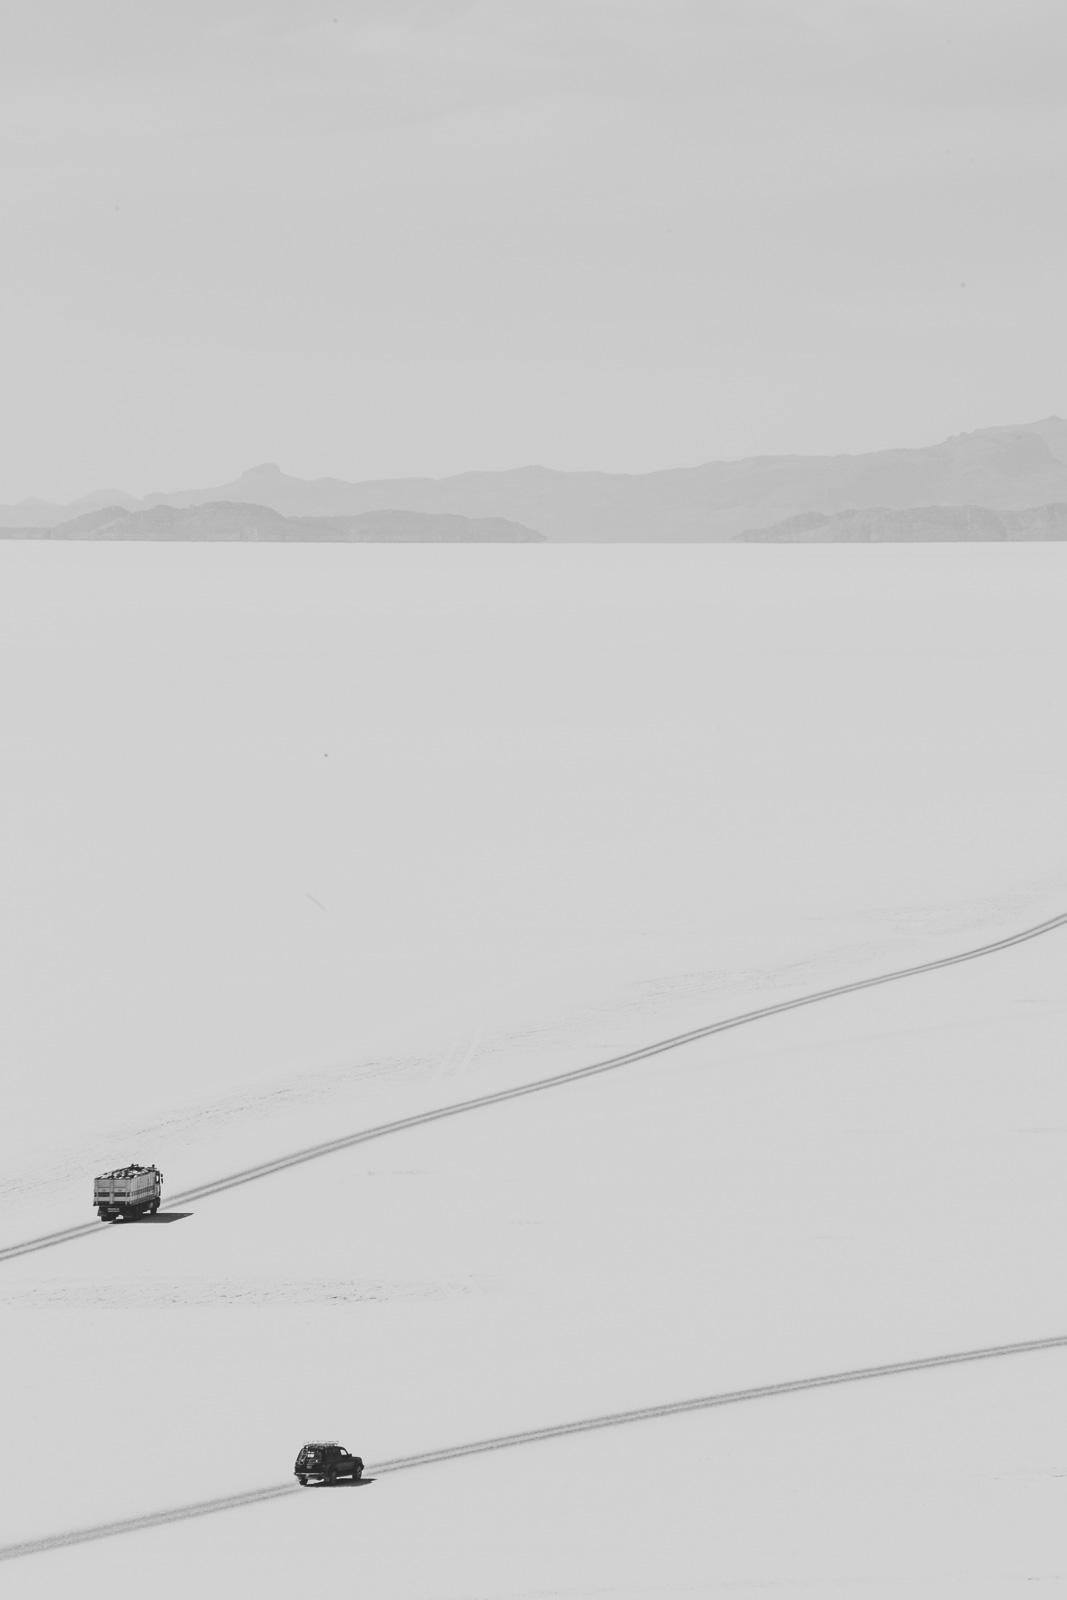 Evabloem-Salar-de-Uyuni_Bolivia-0044.jpg